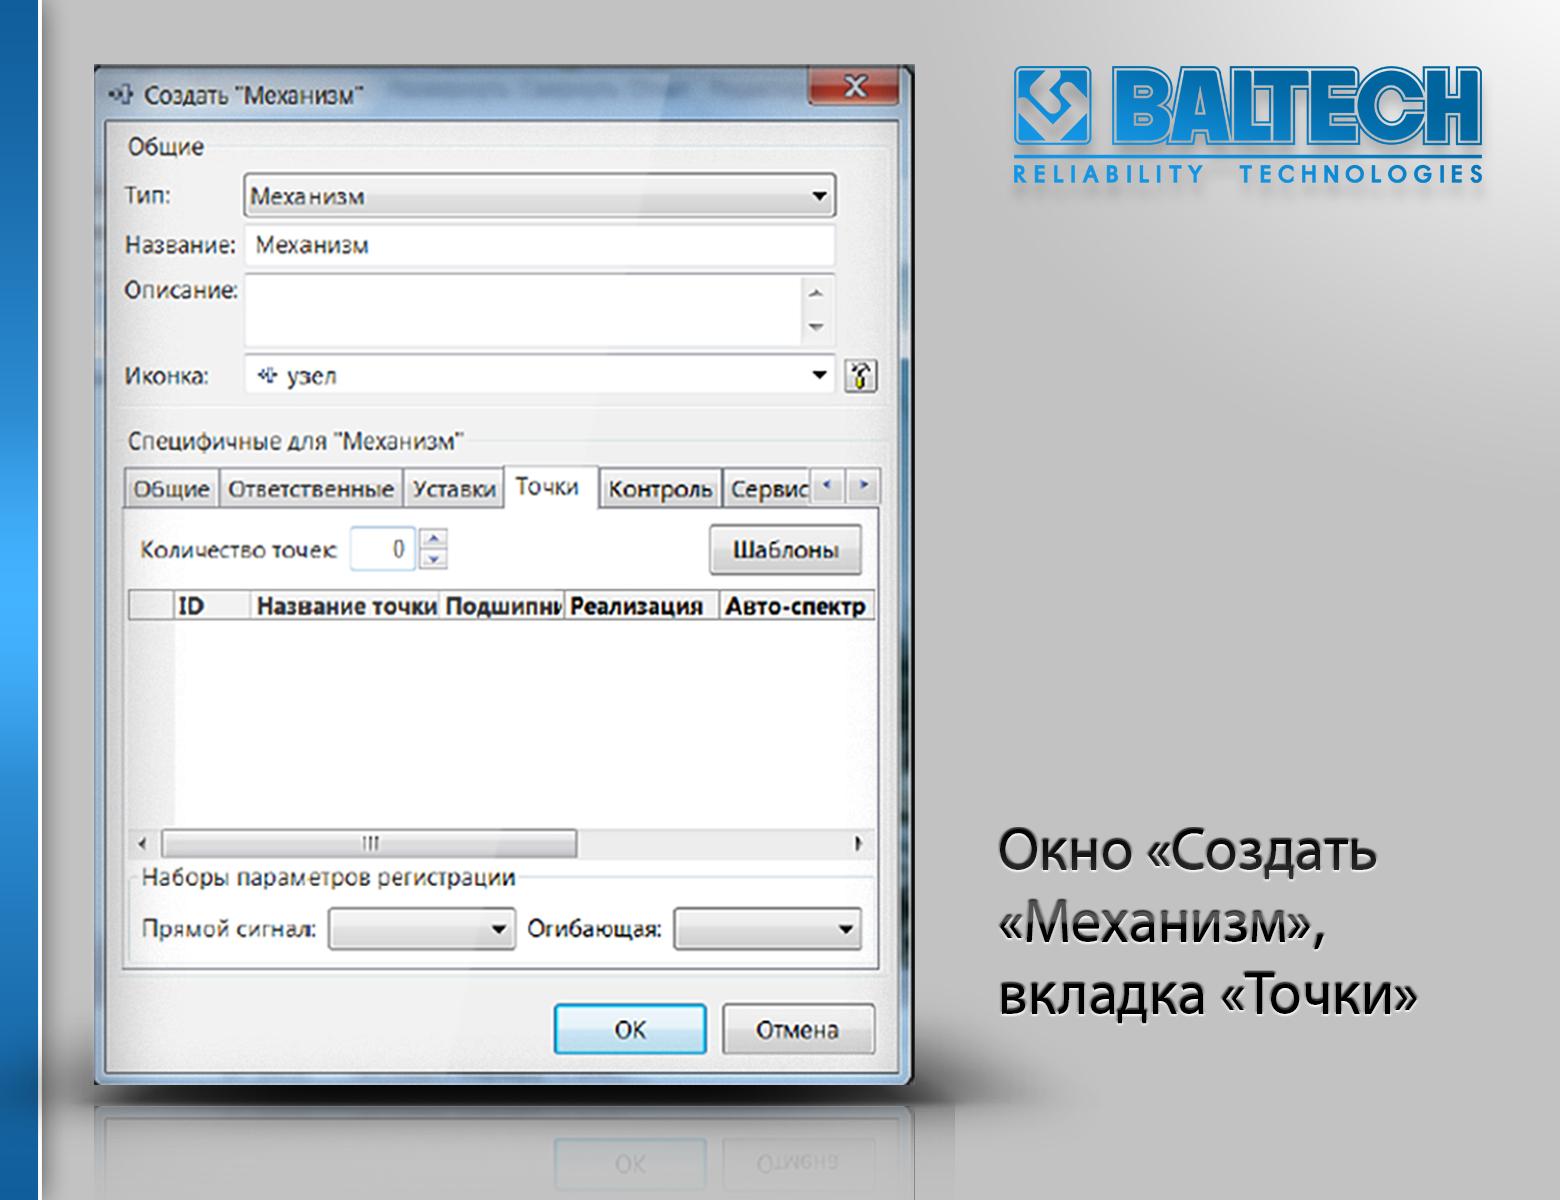 Программное обеспечение BALTECH-Expert, Окно Создать Механизм вкладка Точки, вибродиагностика